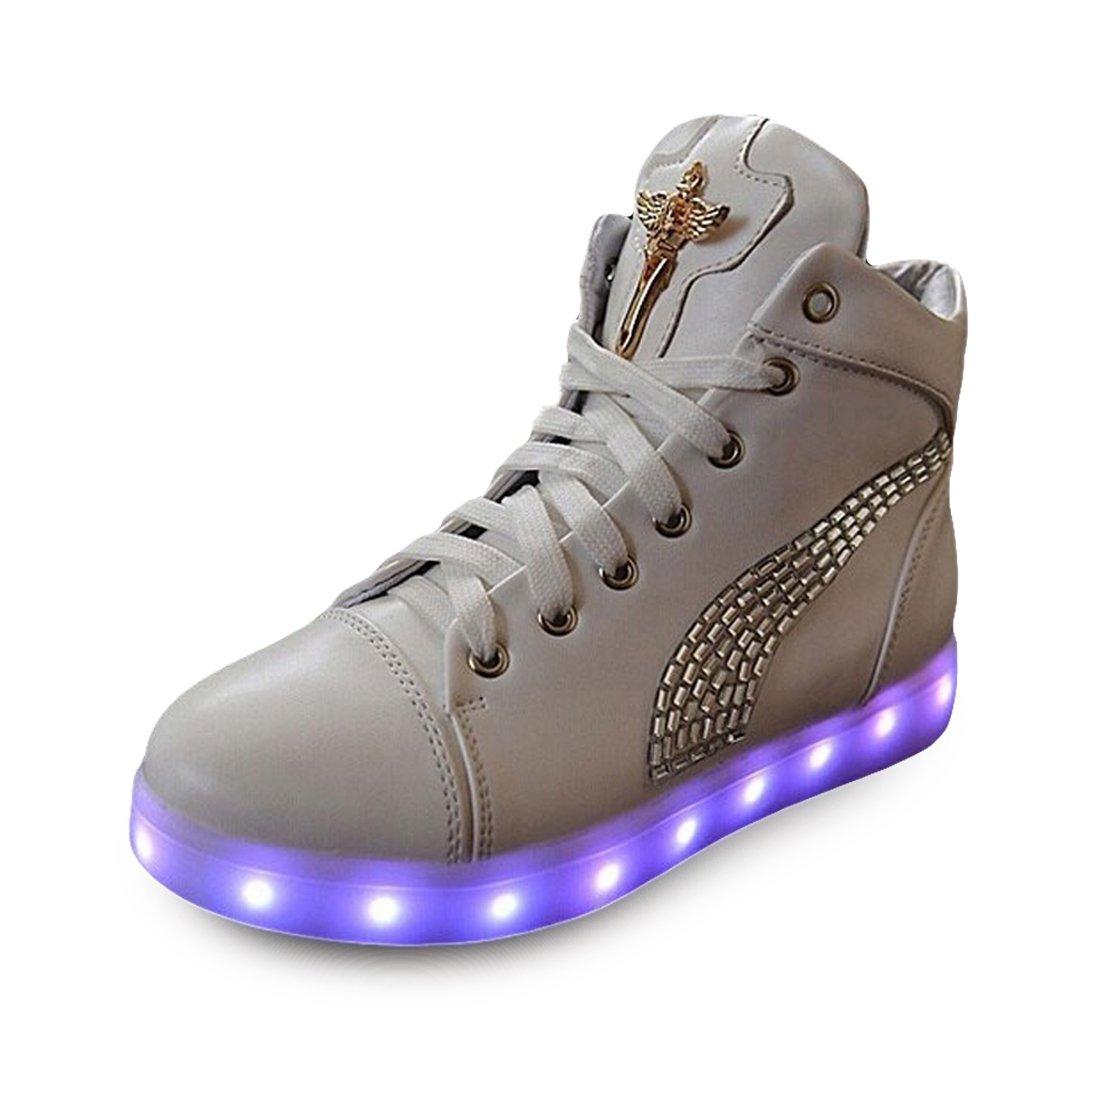 O&N LED Schuh USB Aufladen 7 Farbe Leuchtend Sportschuhe Sneakers Turnschuhe Freizeit Schuhe fuer Unisex-Erwachsene Herren Damen Kinder kdnukuC3L